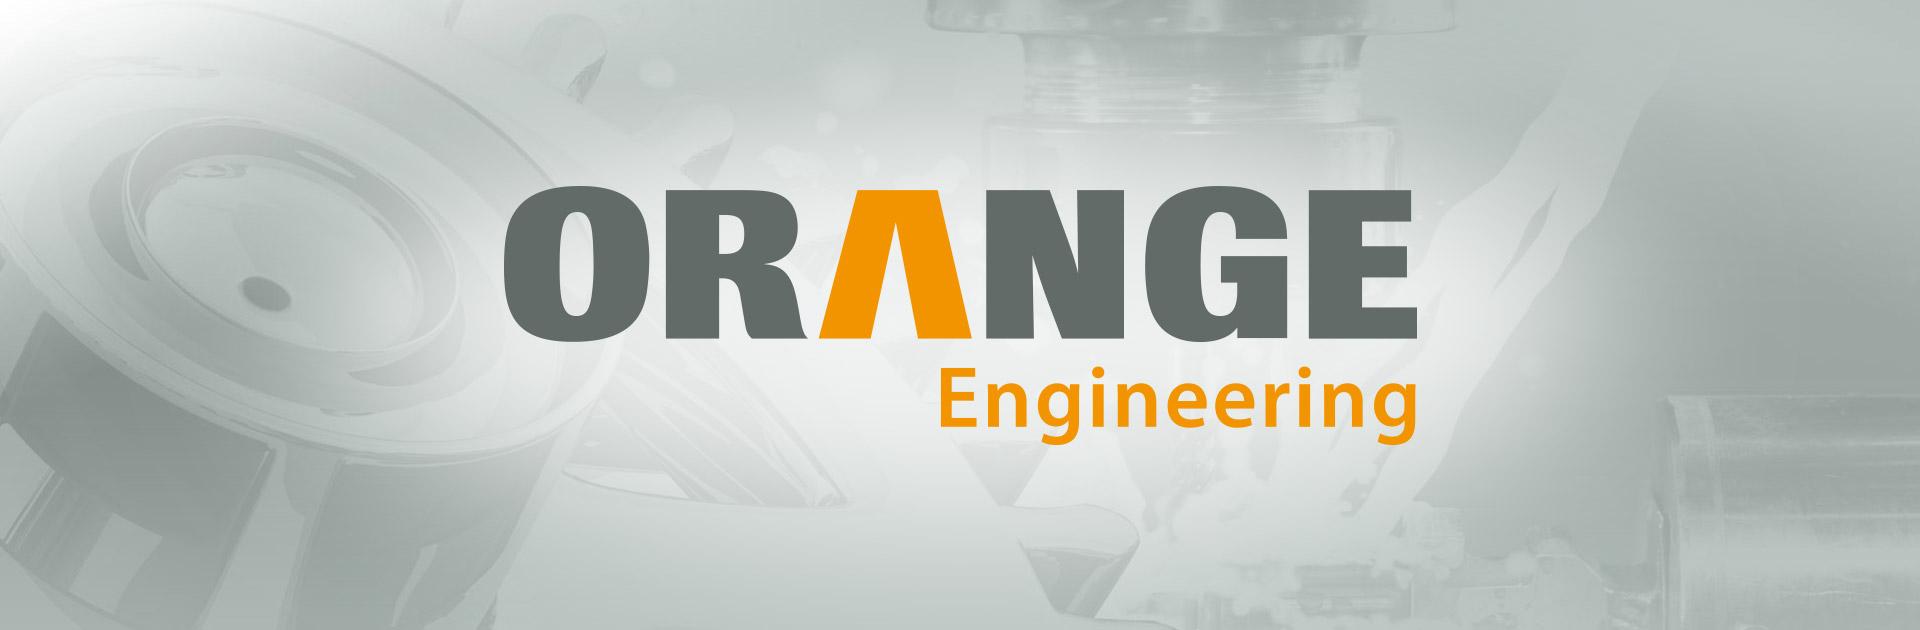 ORANGE Engineering  ORANGE Engineer...